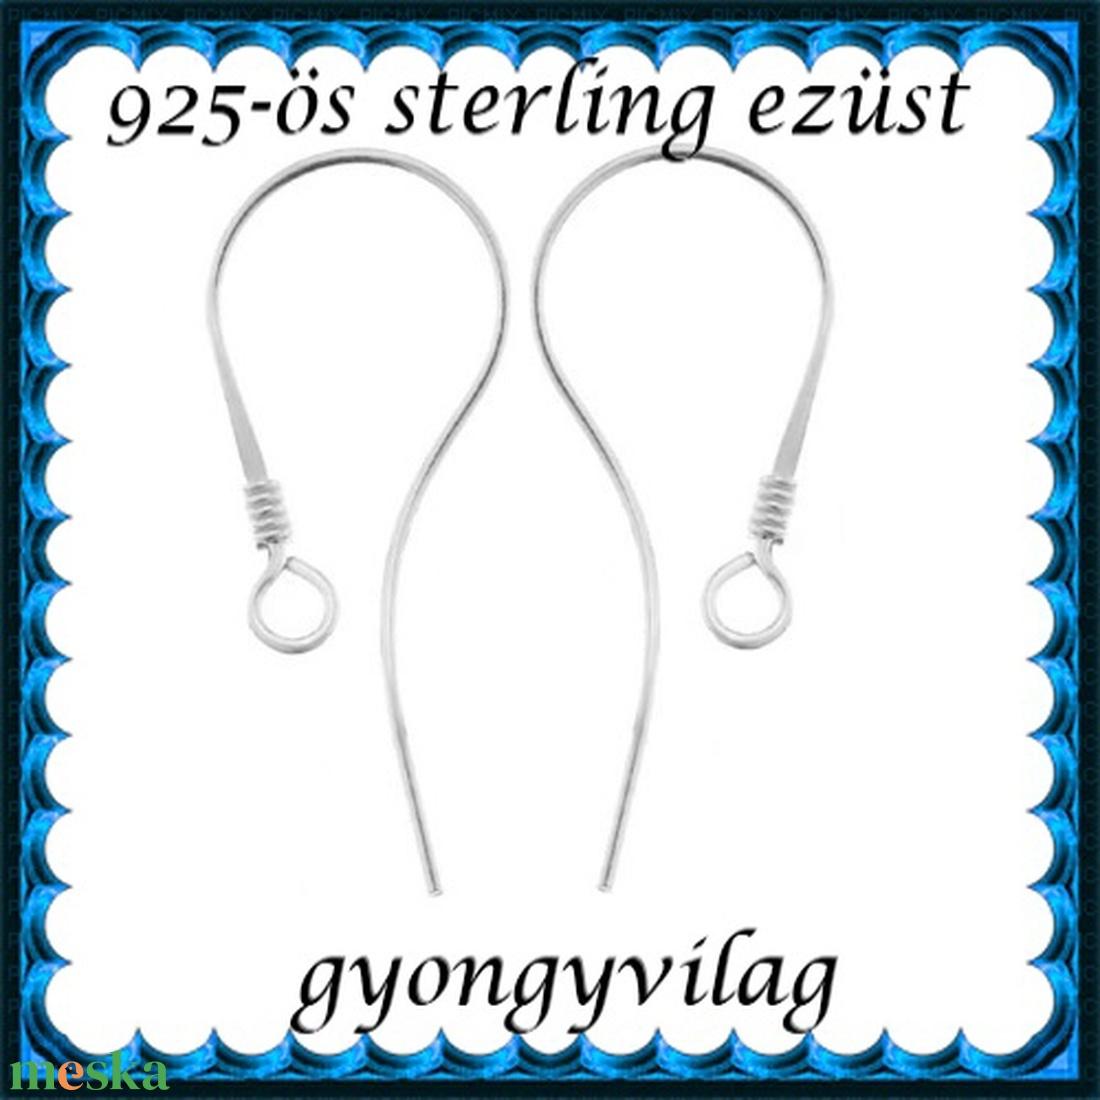 925-ös sterling ezüst ékszerkellék: fülbevalóalap akasztós EFK A 72 - gyöngy, ékszerkellék - egyéb alkatrész - Meska.hu